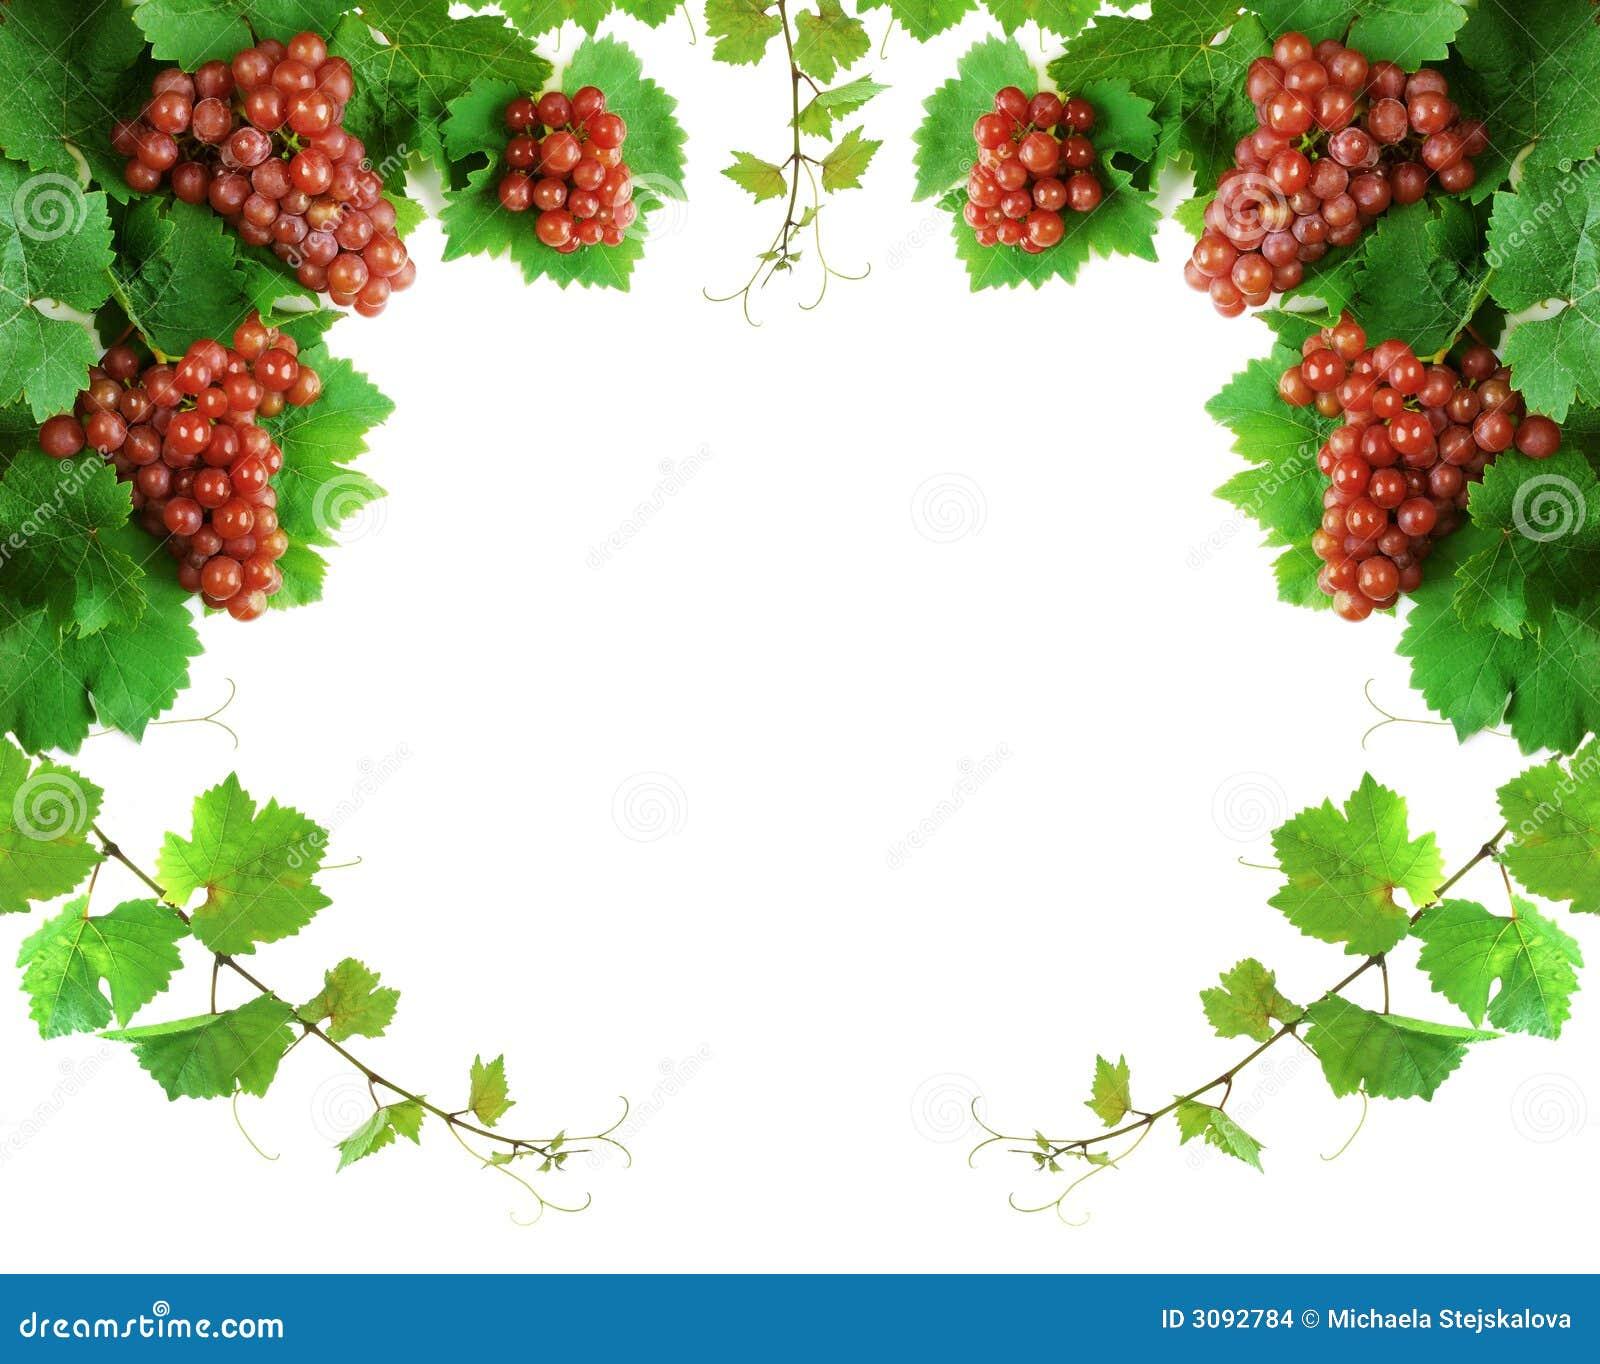 边界装饰葡萄树